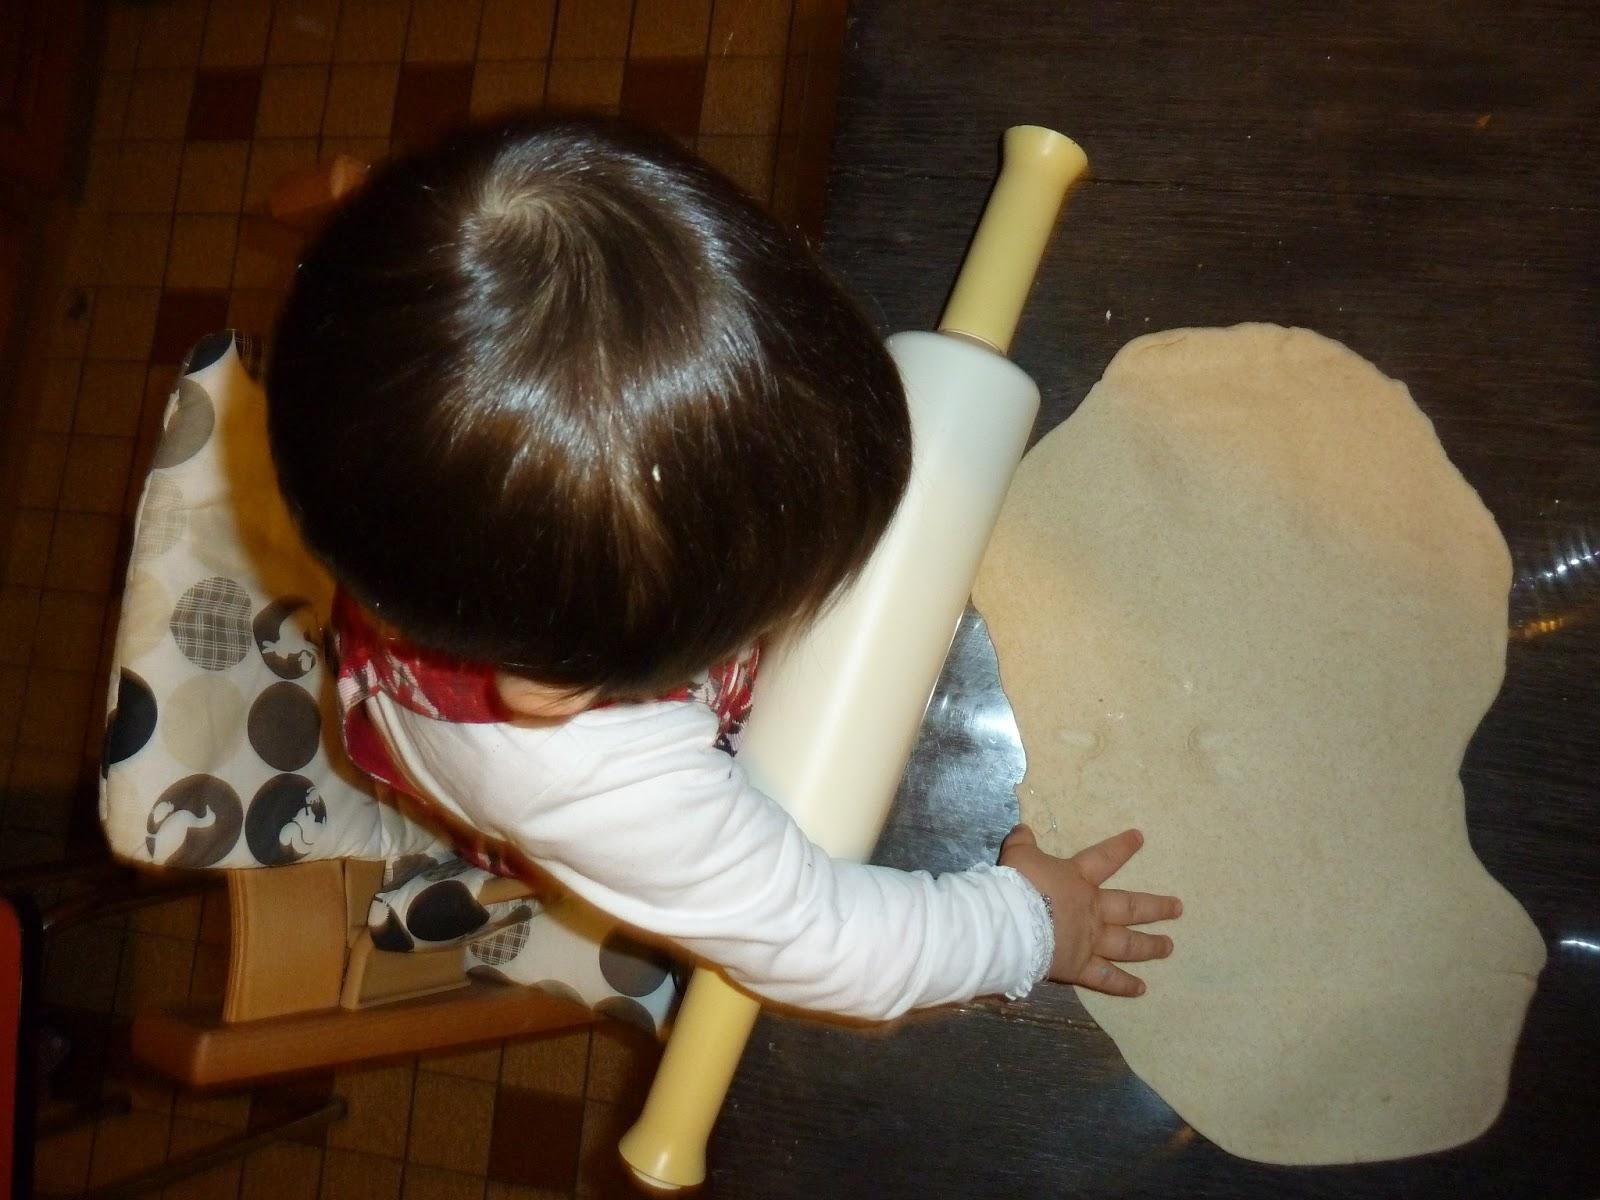 La r cr azou de maman trouvetou cuisiner des restes de poulet roti 2 - Comment cuisiner un reste de poulet ...